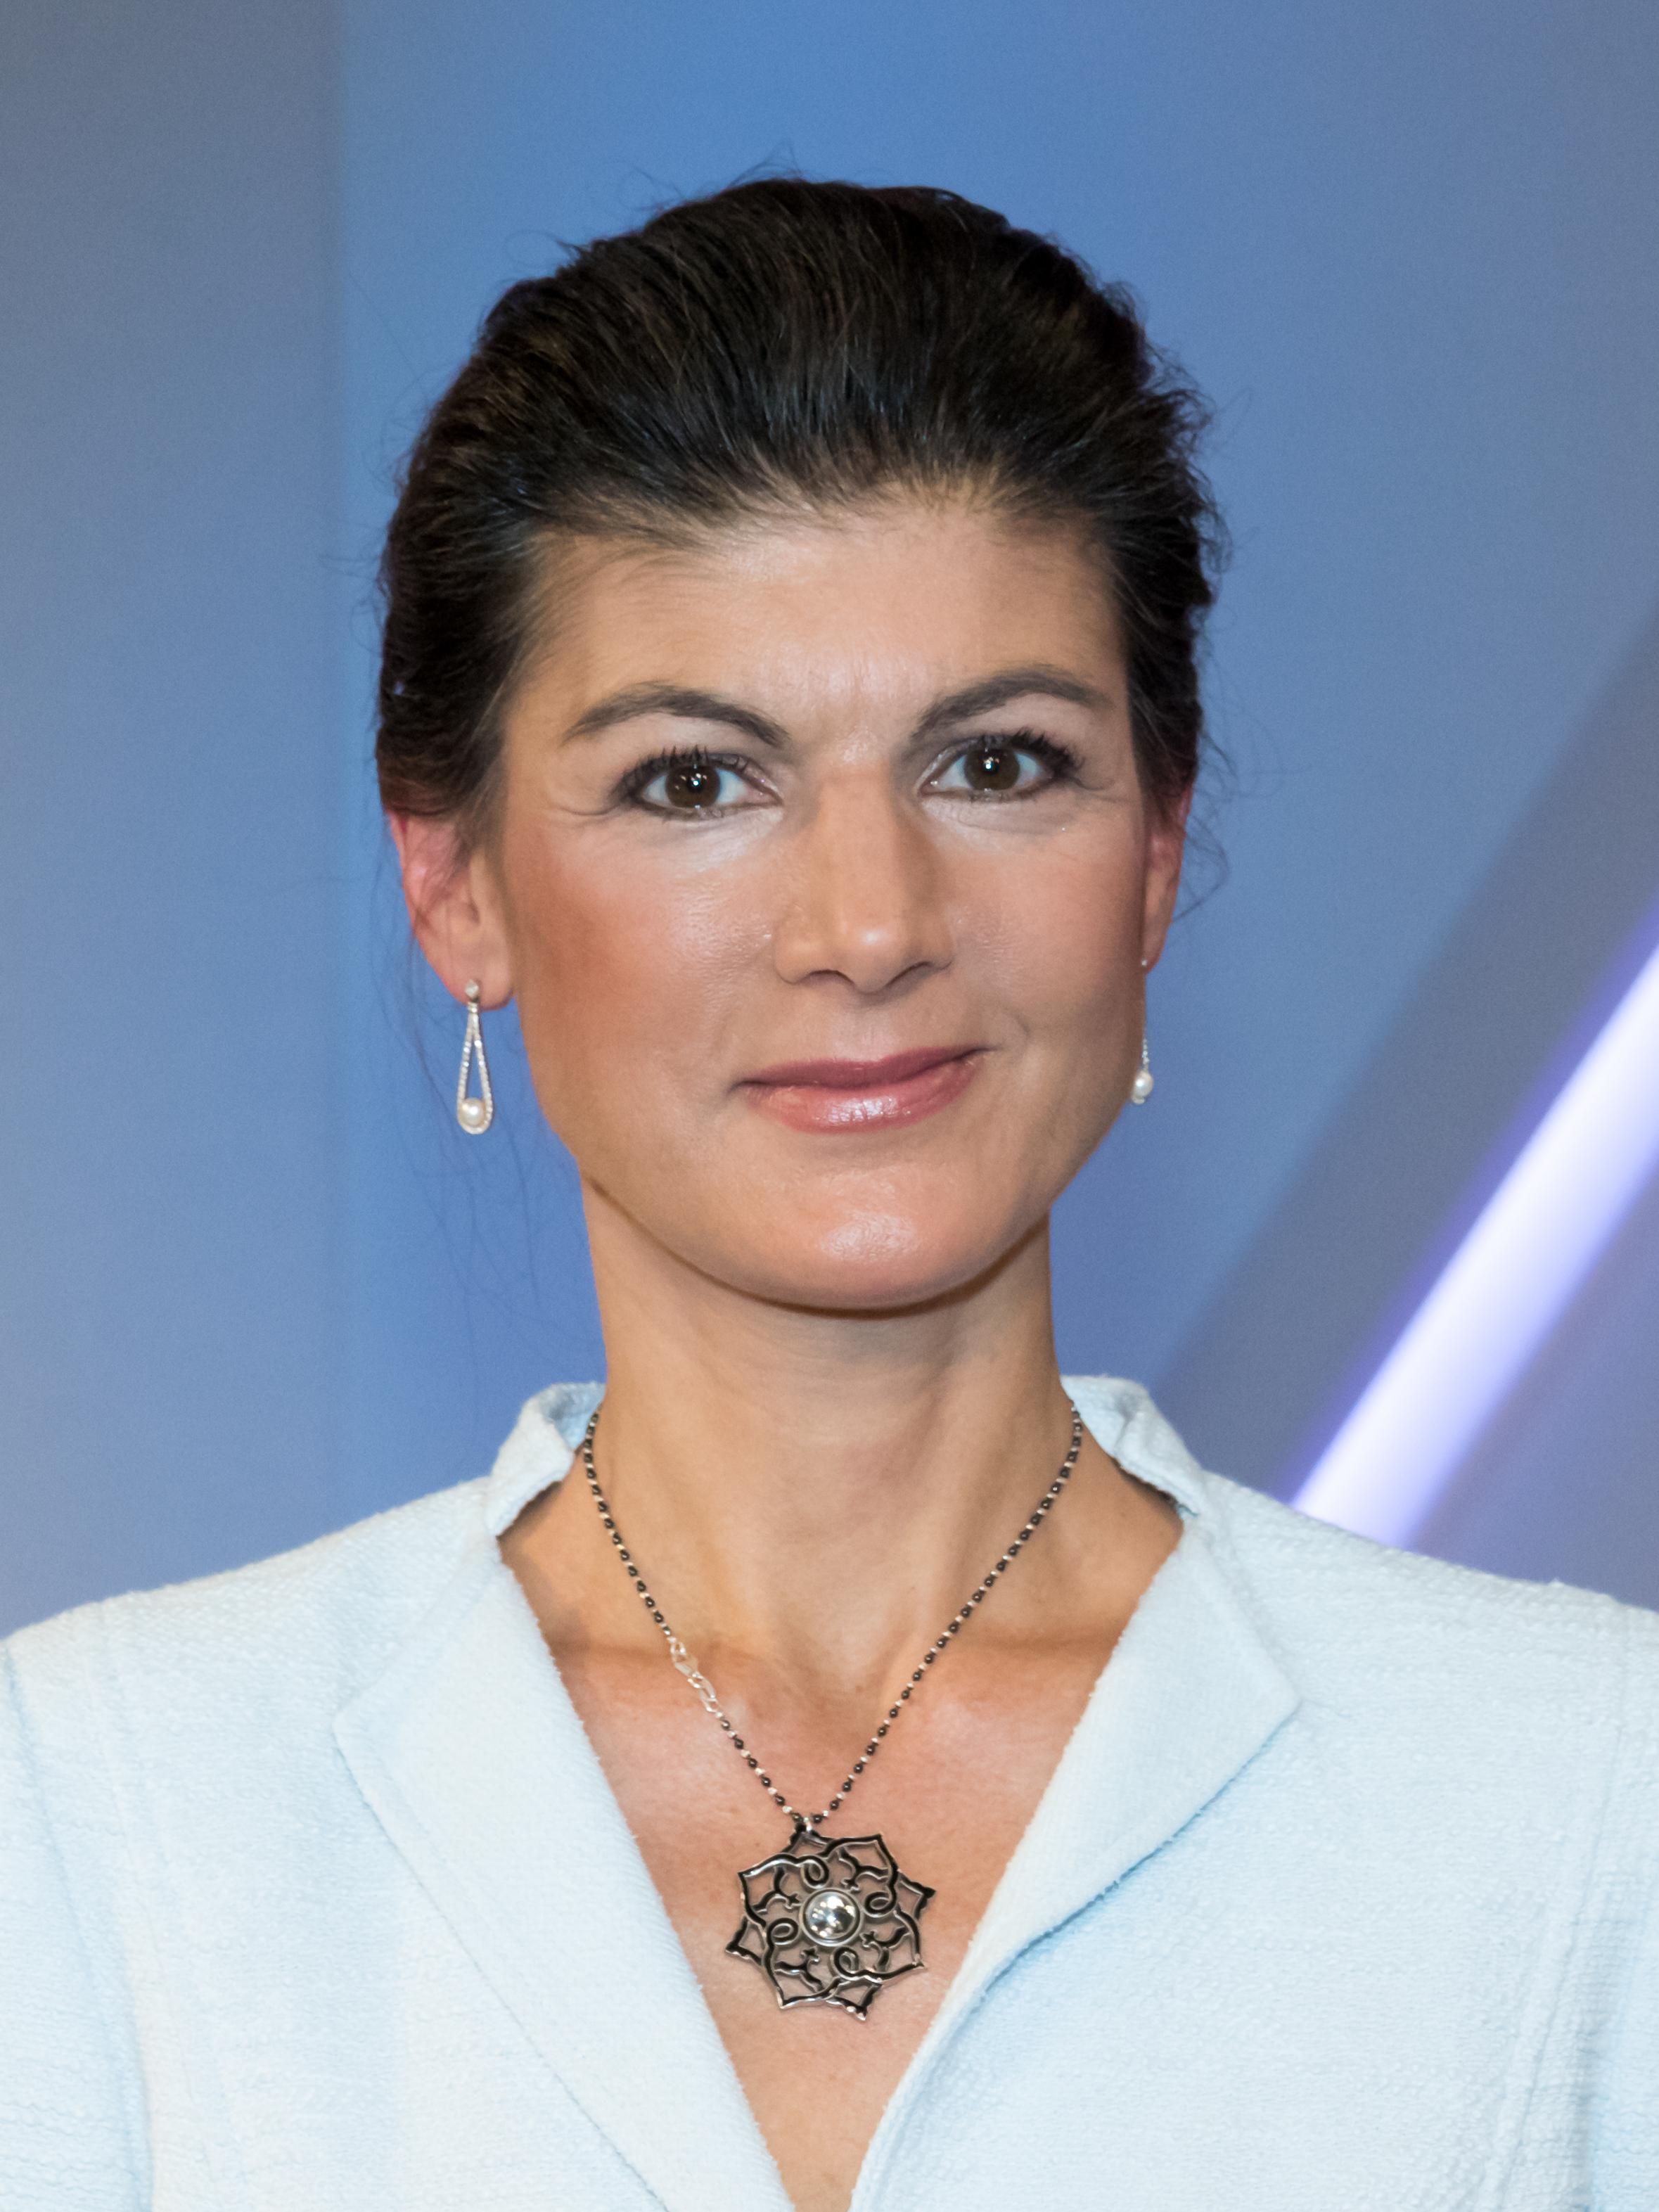 Haaren offenen wagenknecht sahra mit Sahra Wagenknecht